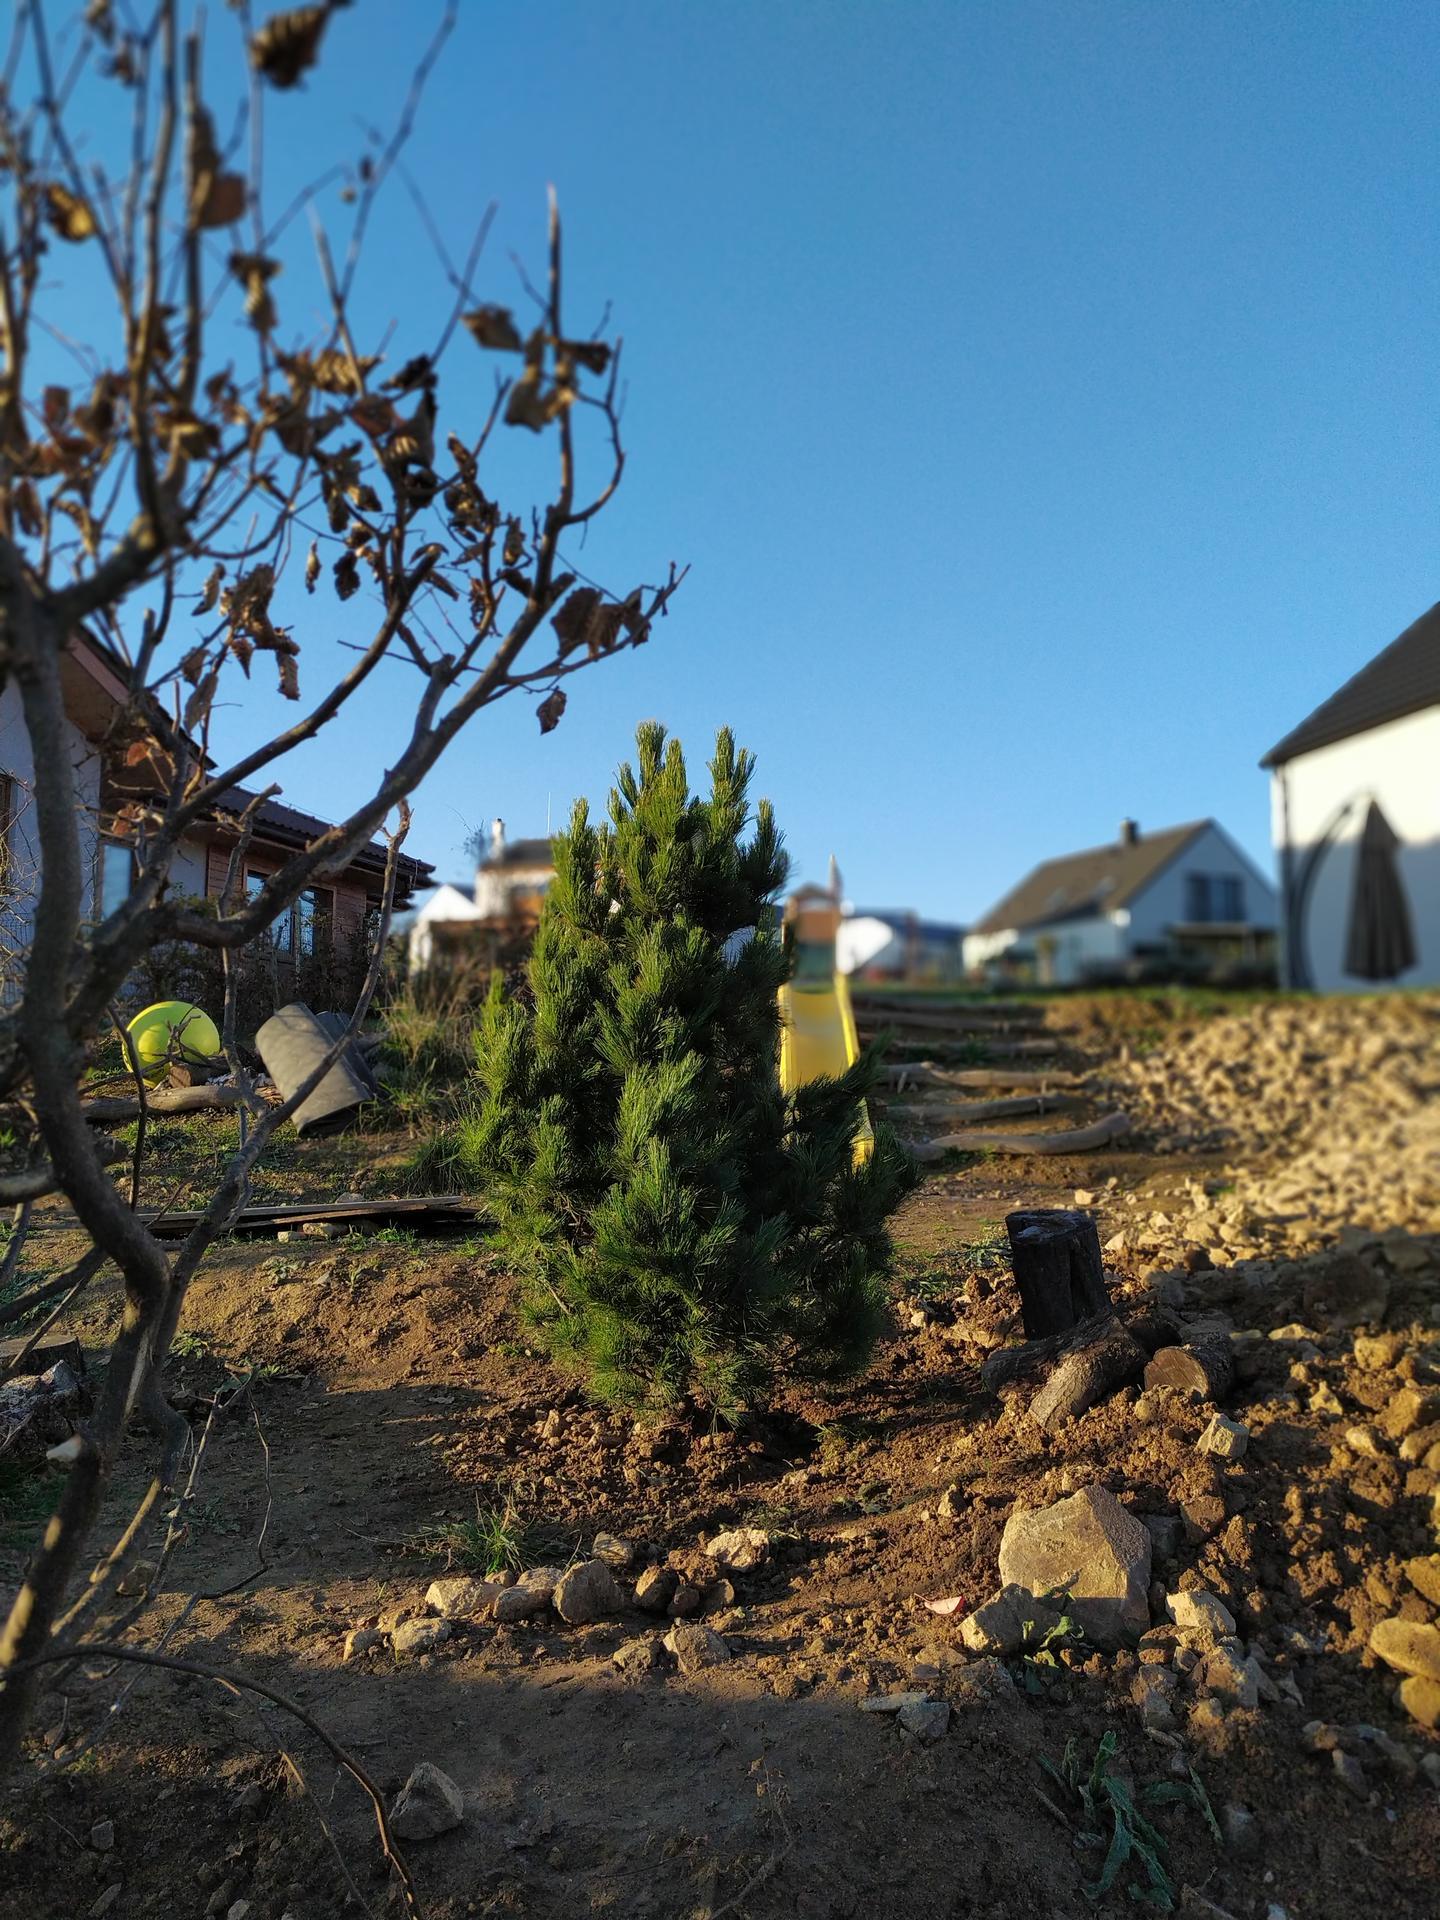 Náš domov ve svahu - Zapadla krásně a myslím, že jí budou slušet i Vánoce :)